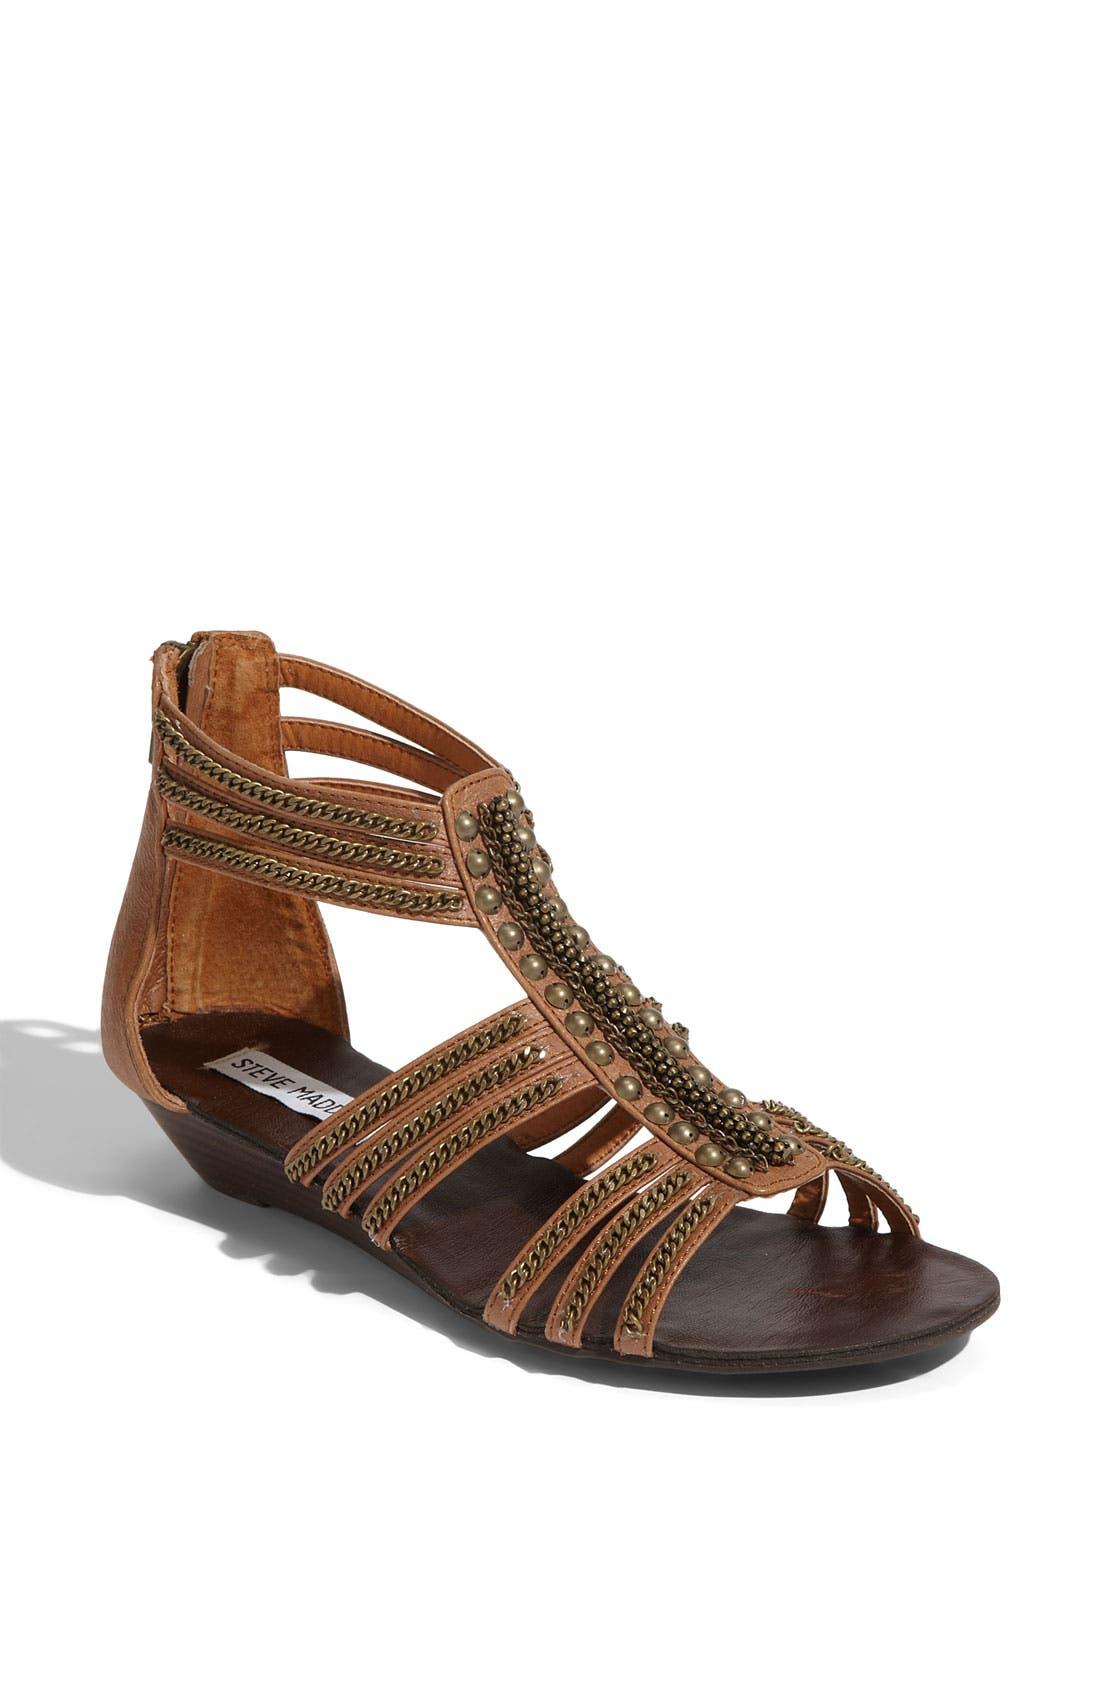 Alternate Image 1 Selected - Steve Madden 'Cabezza' Sandal